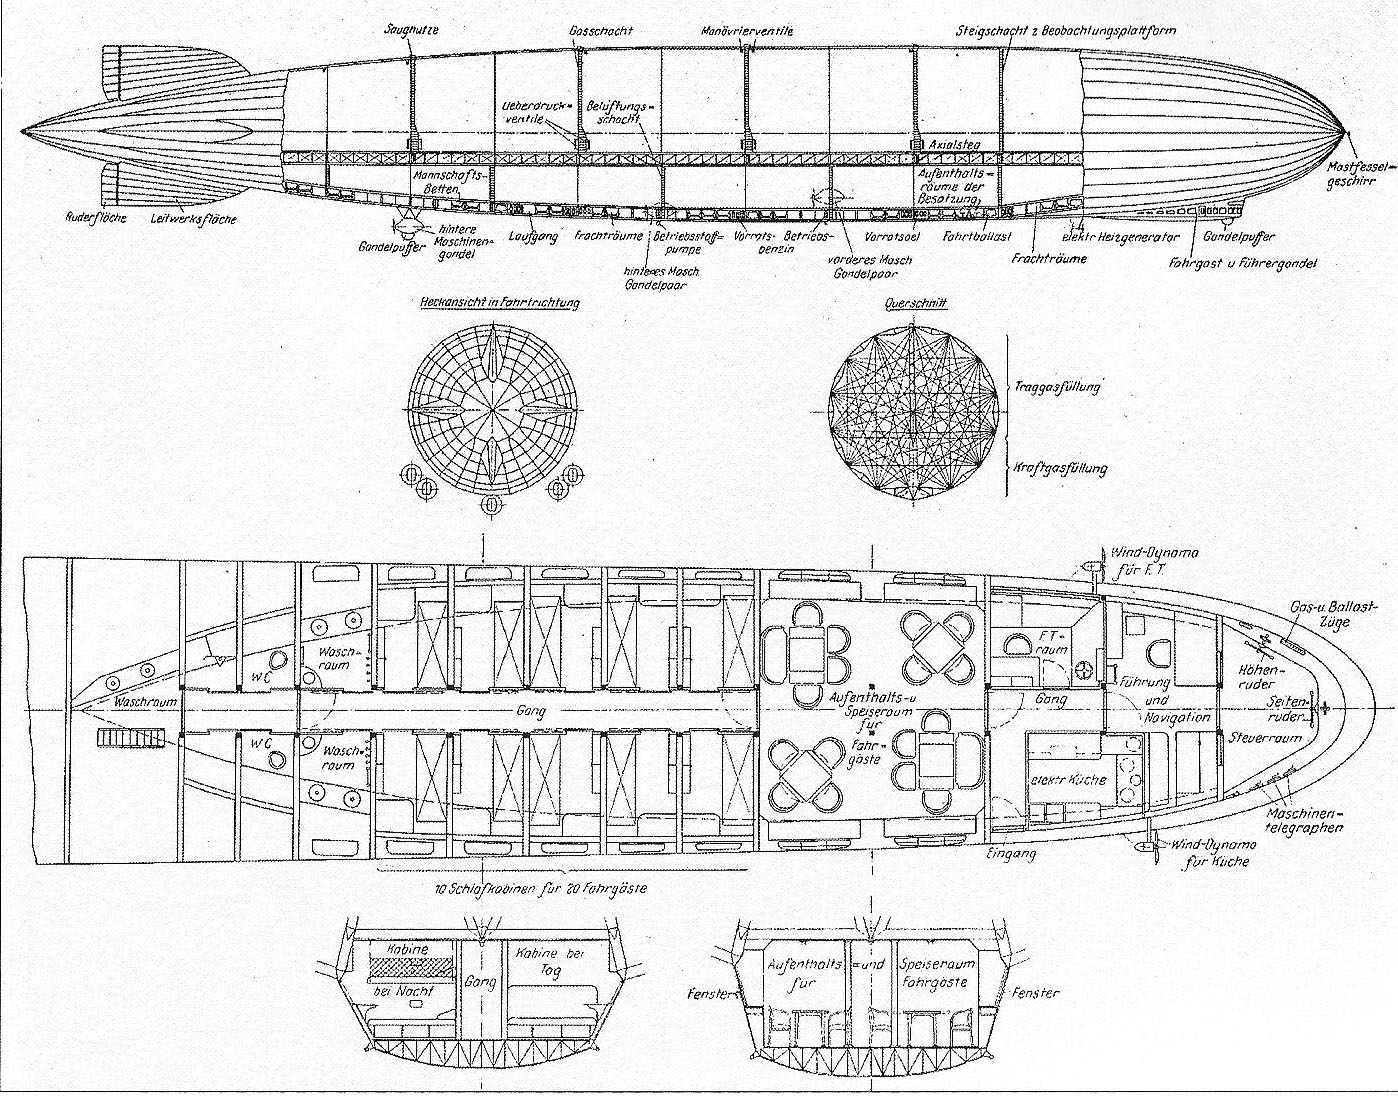 Graf Zeppelin Blueprint